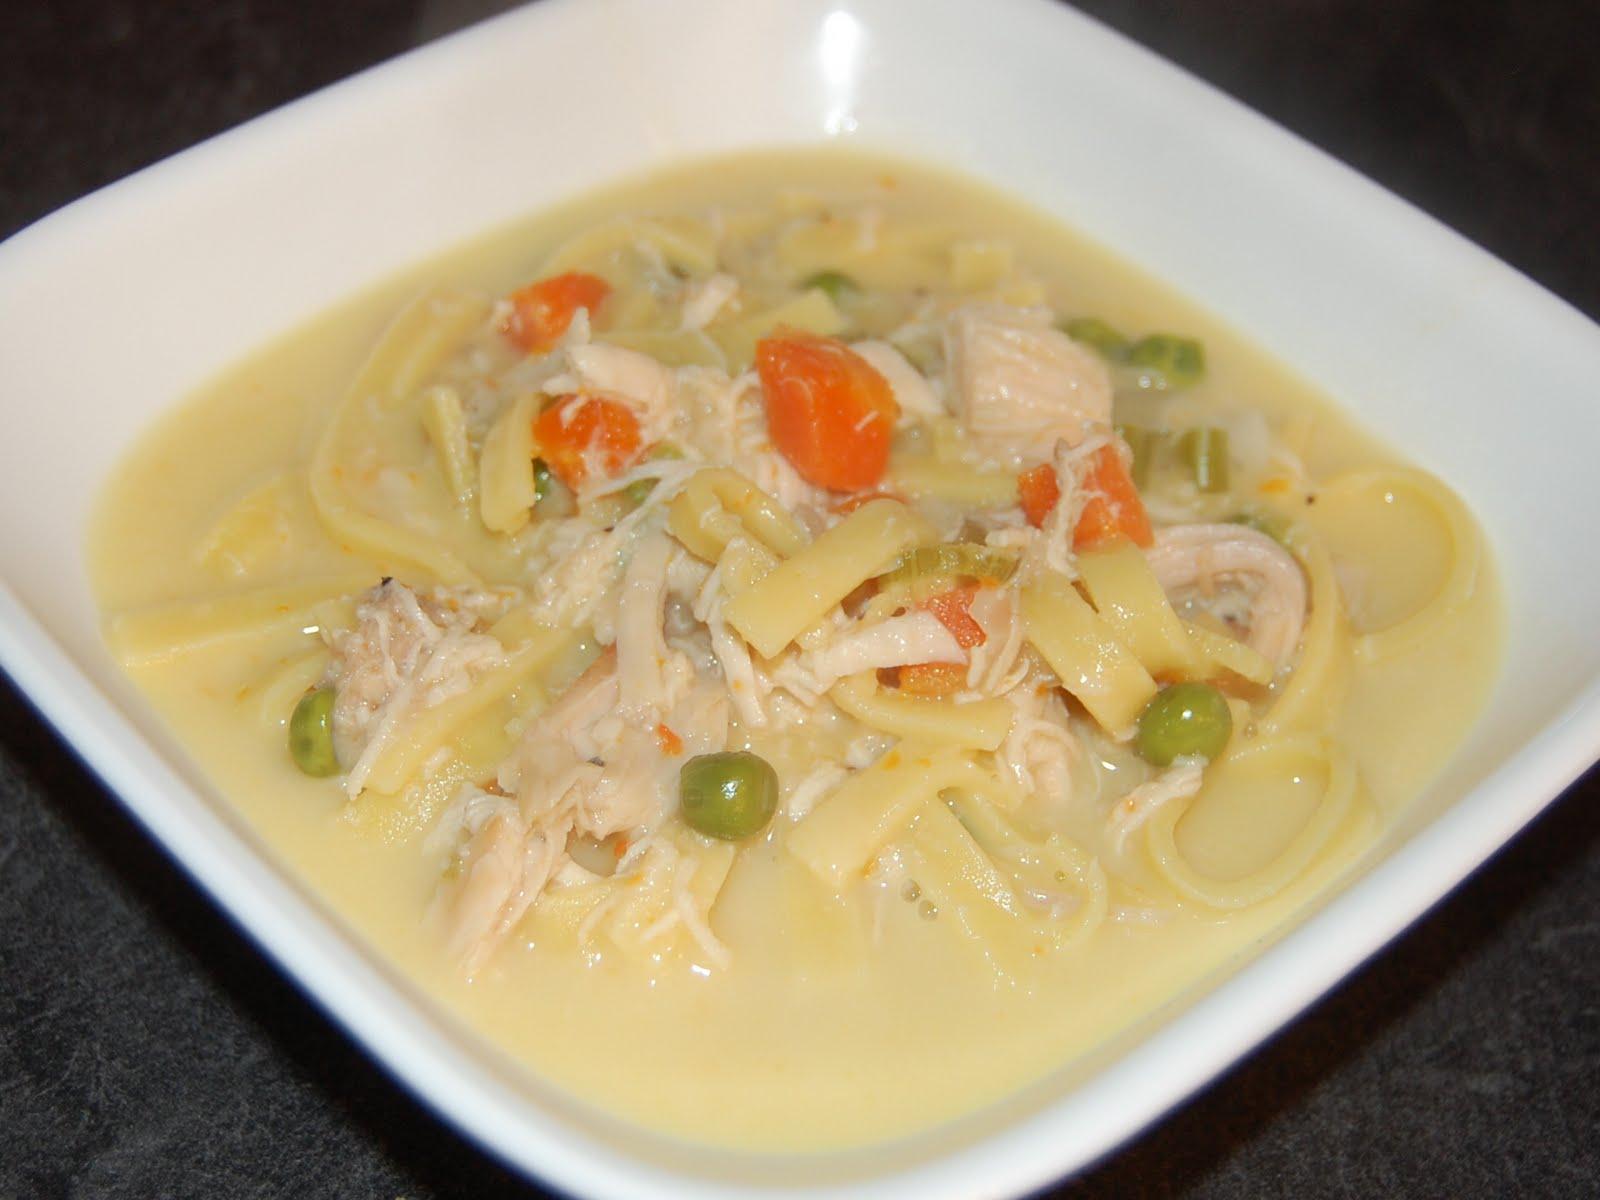 Delicious Creamy Chicken Soup